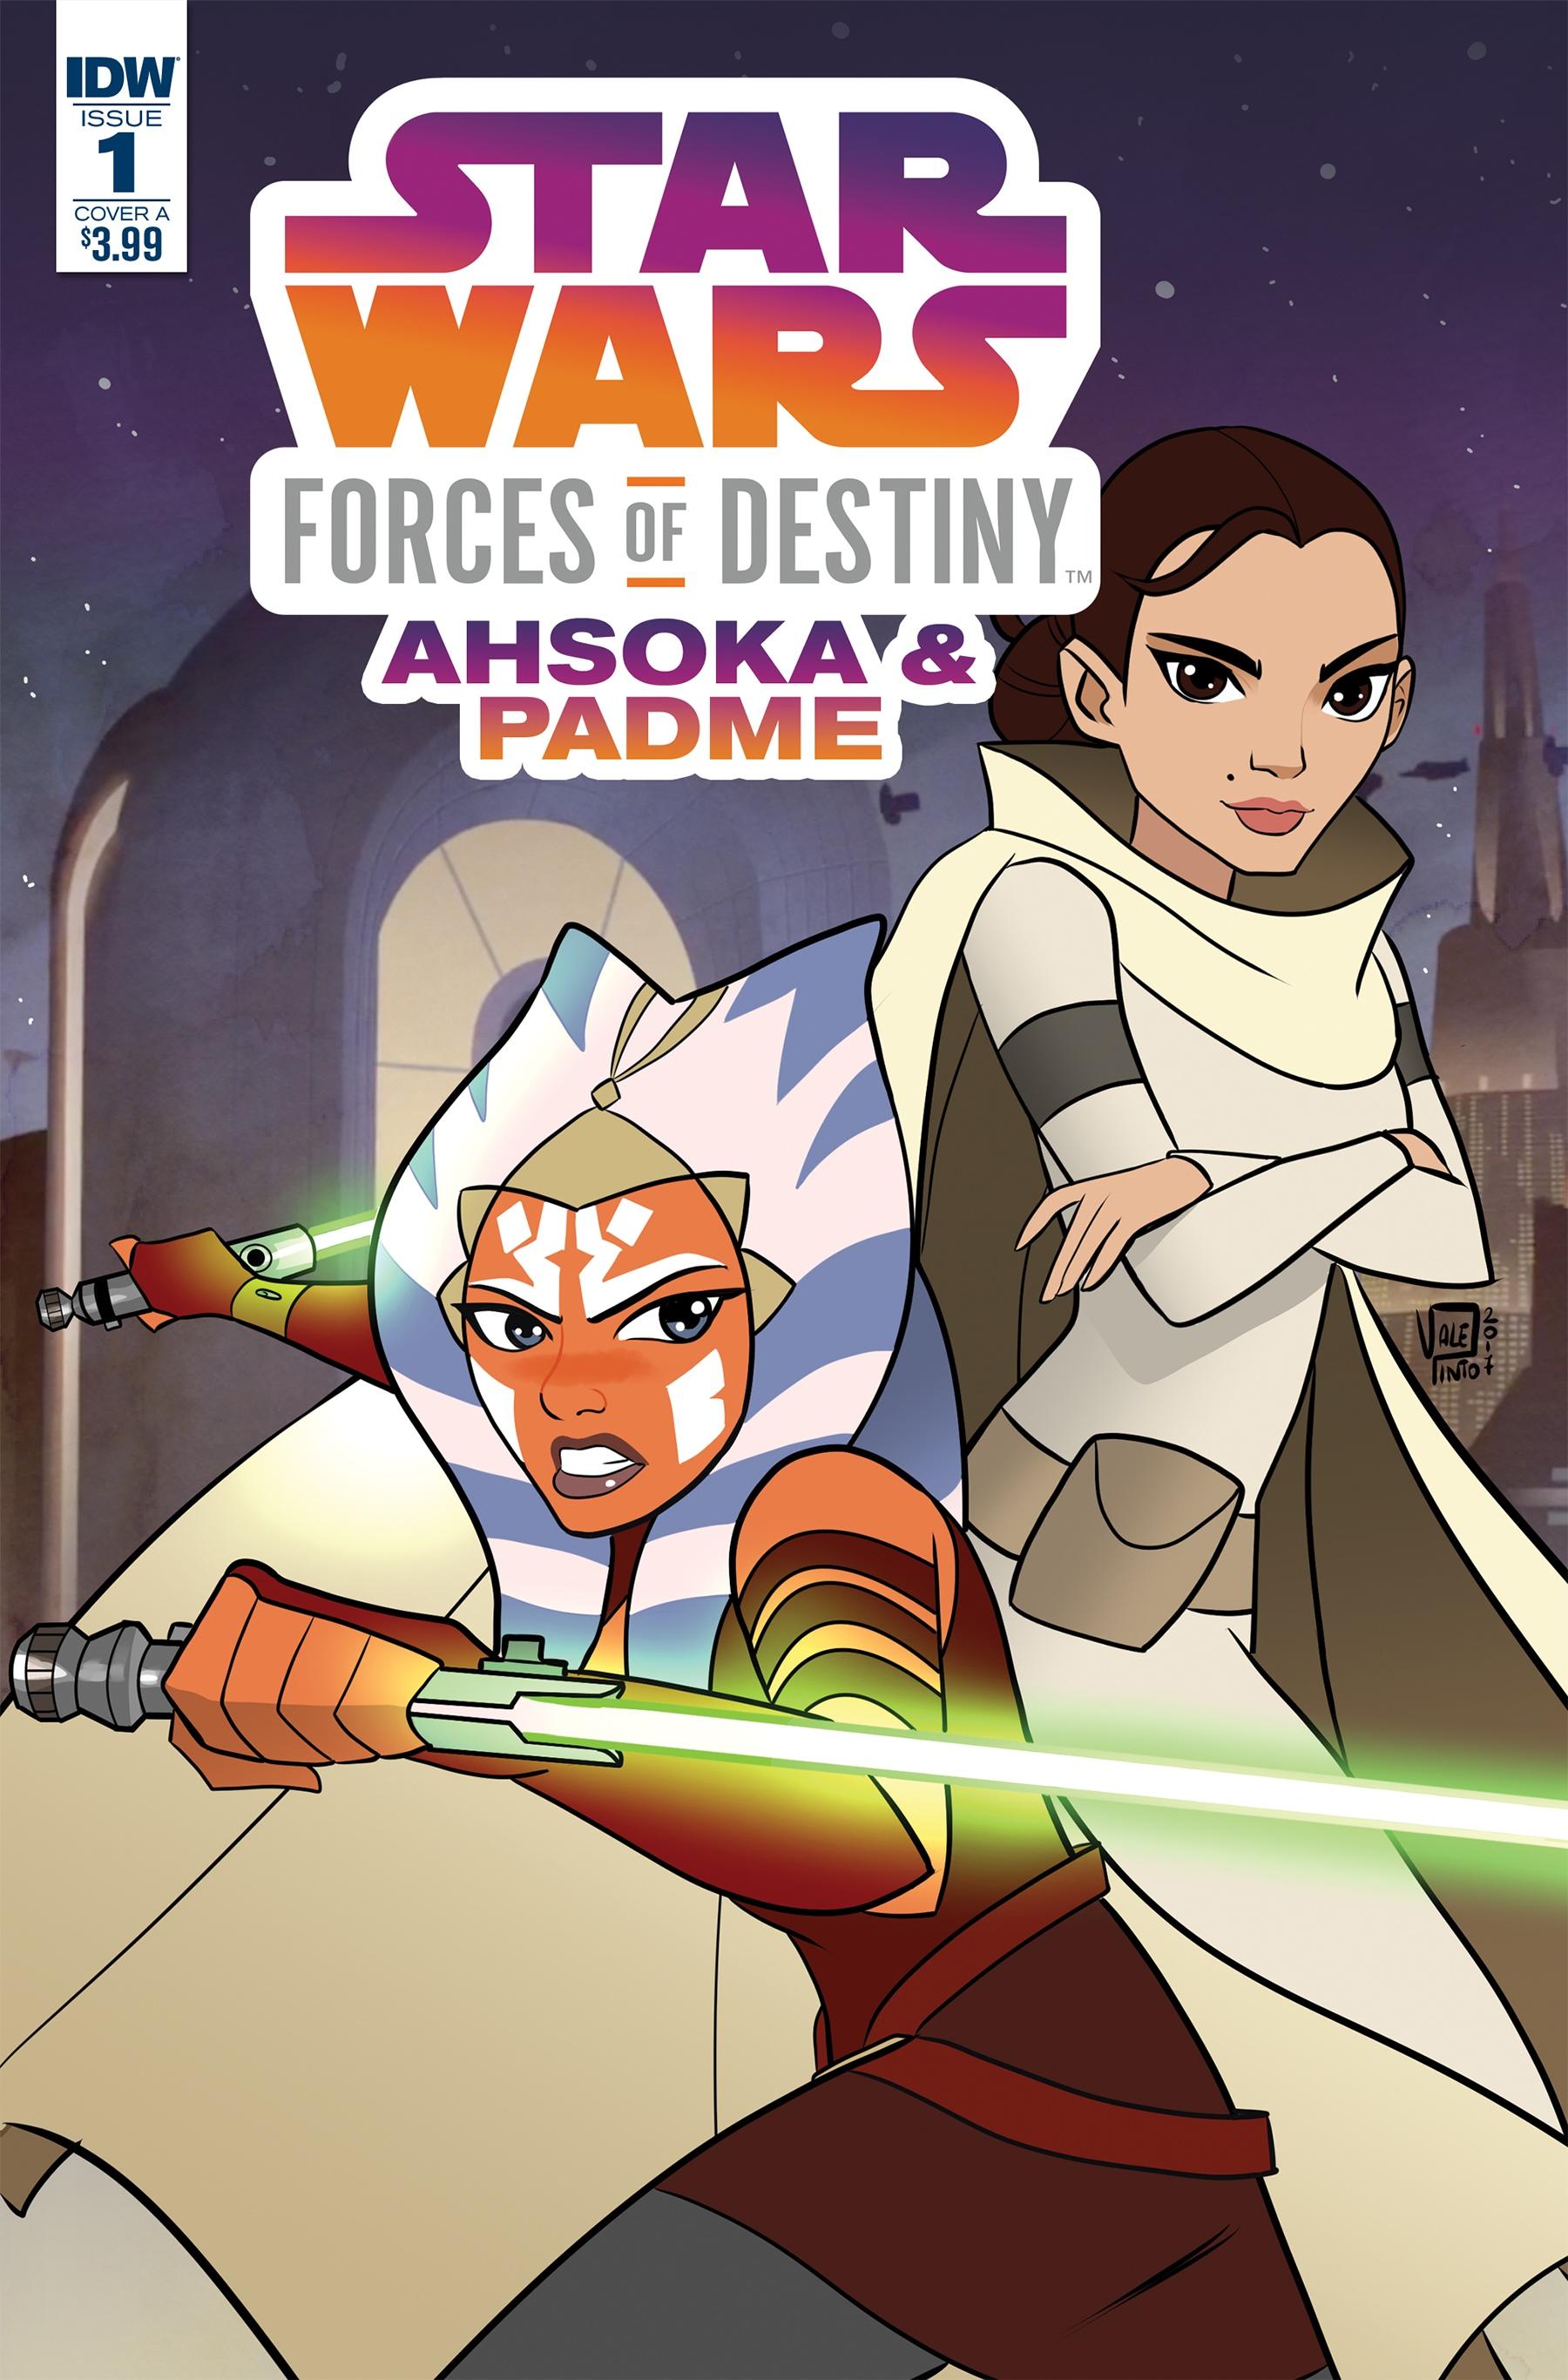 Звёздные войны. Приключения: Силы судьбы. Асока и Падме